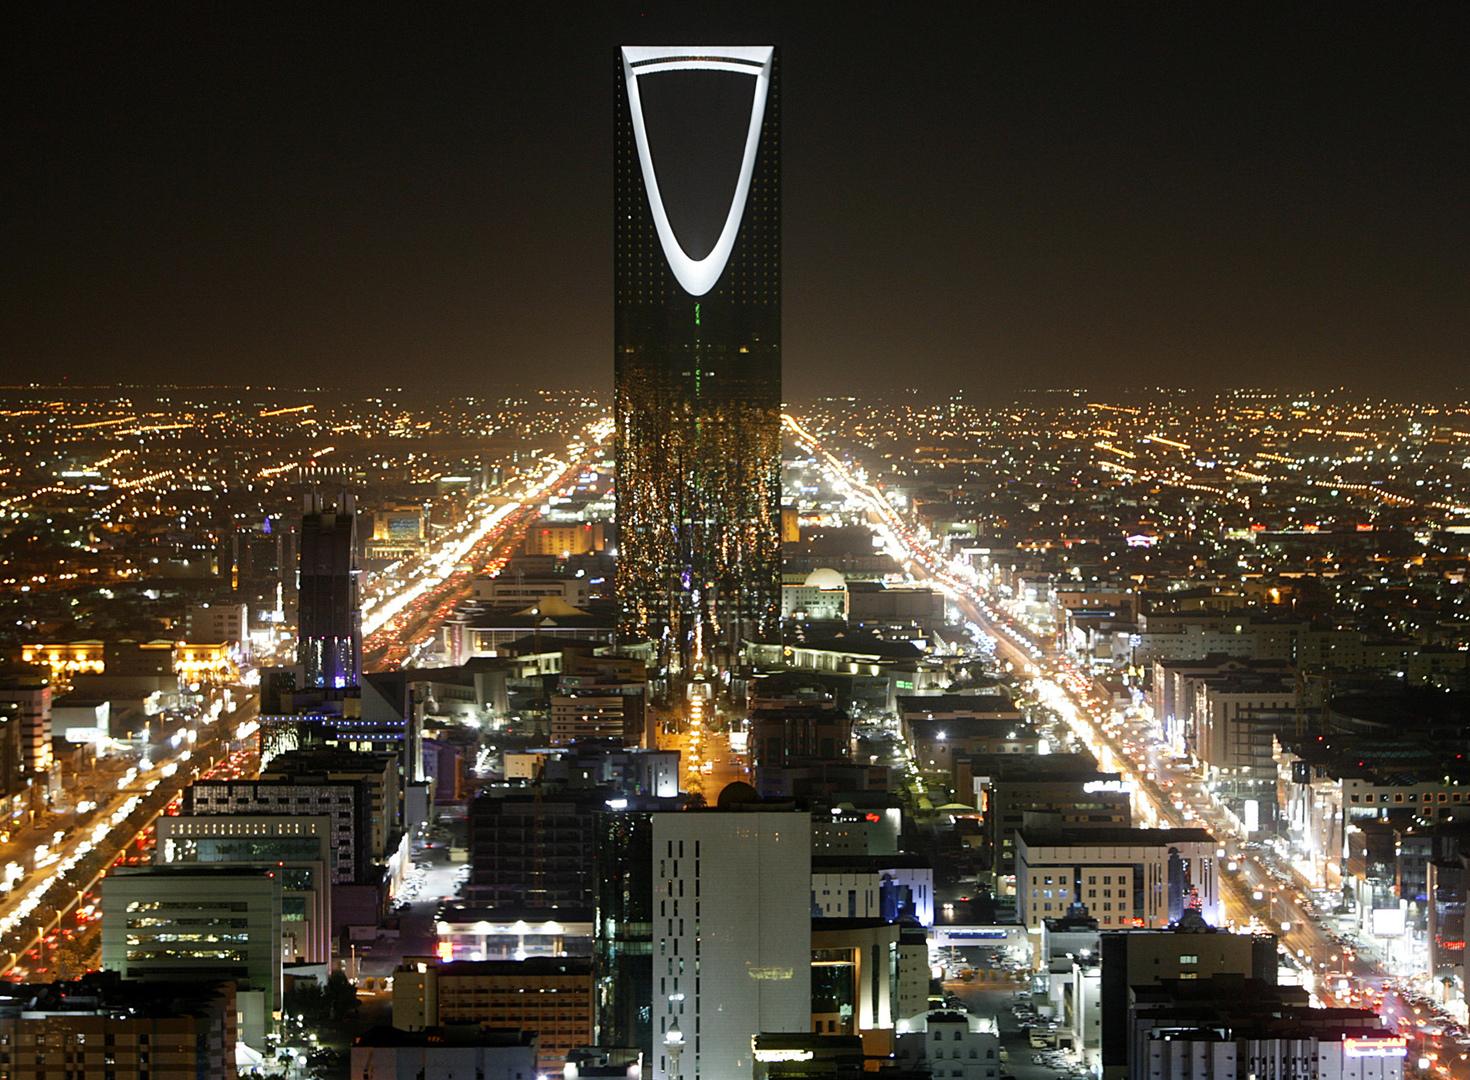 الجمعية الفلكية بجدة: مثلث سماوي سيرصد بسماء السعودية الليلة